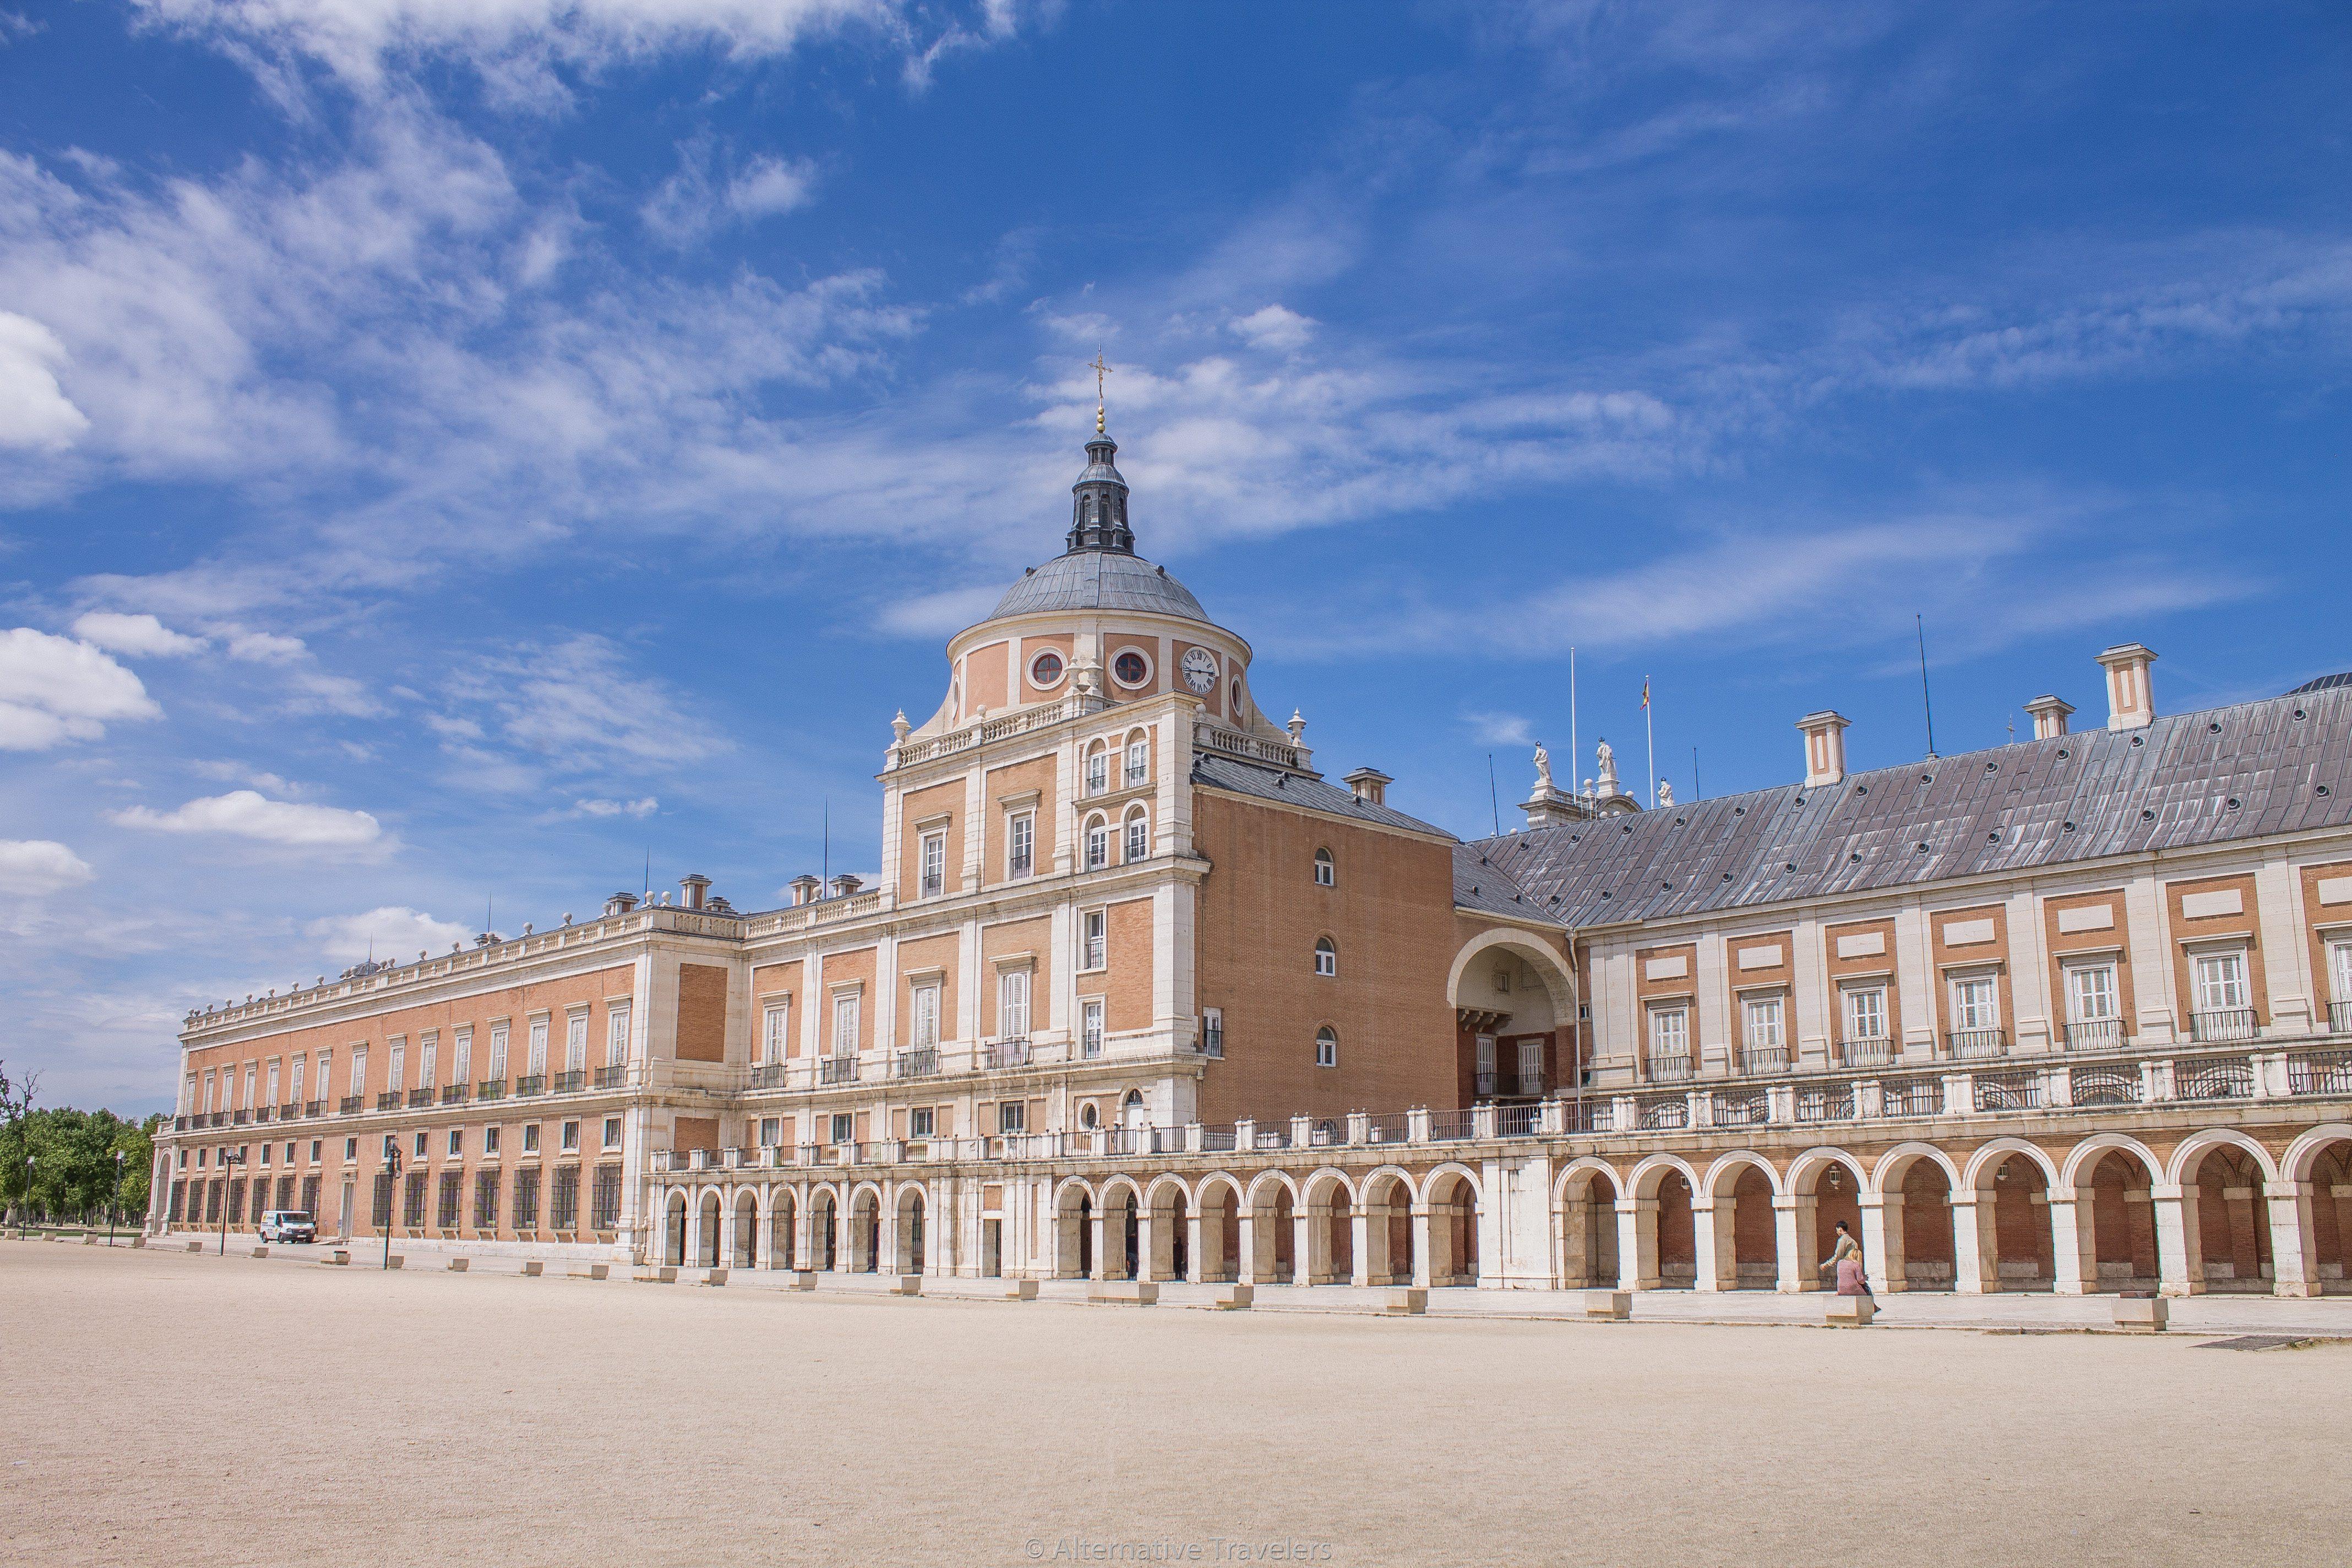 Day Trip to Aranjuez - AlternativeTravelers.com